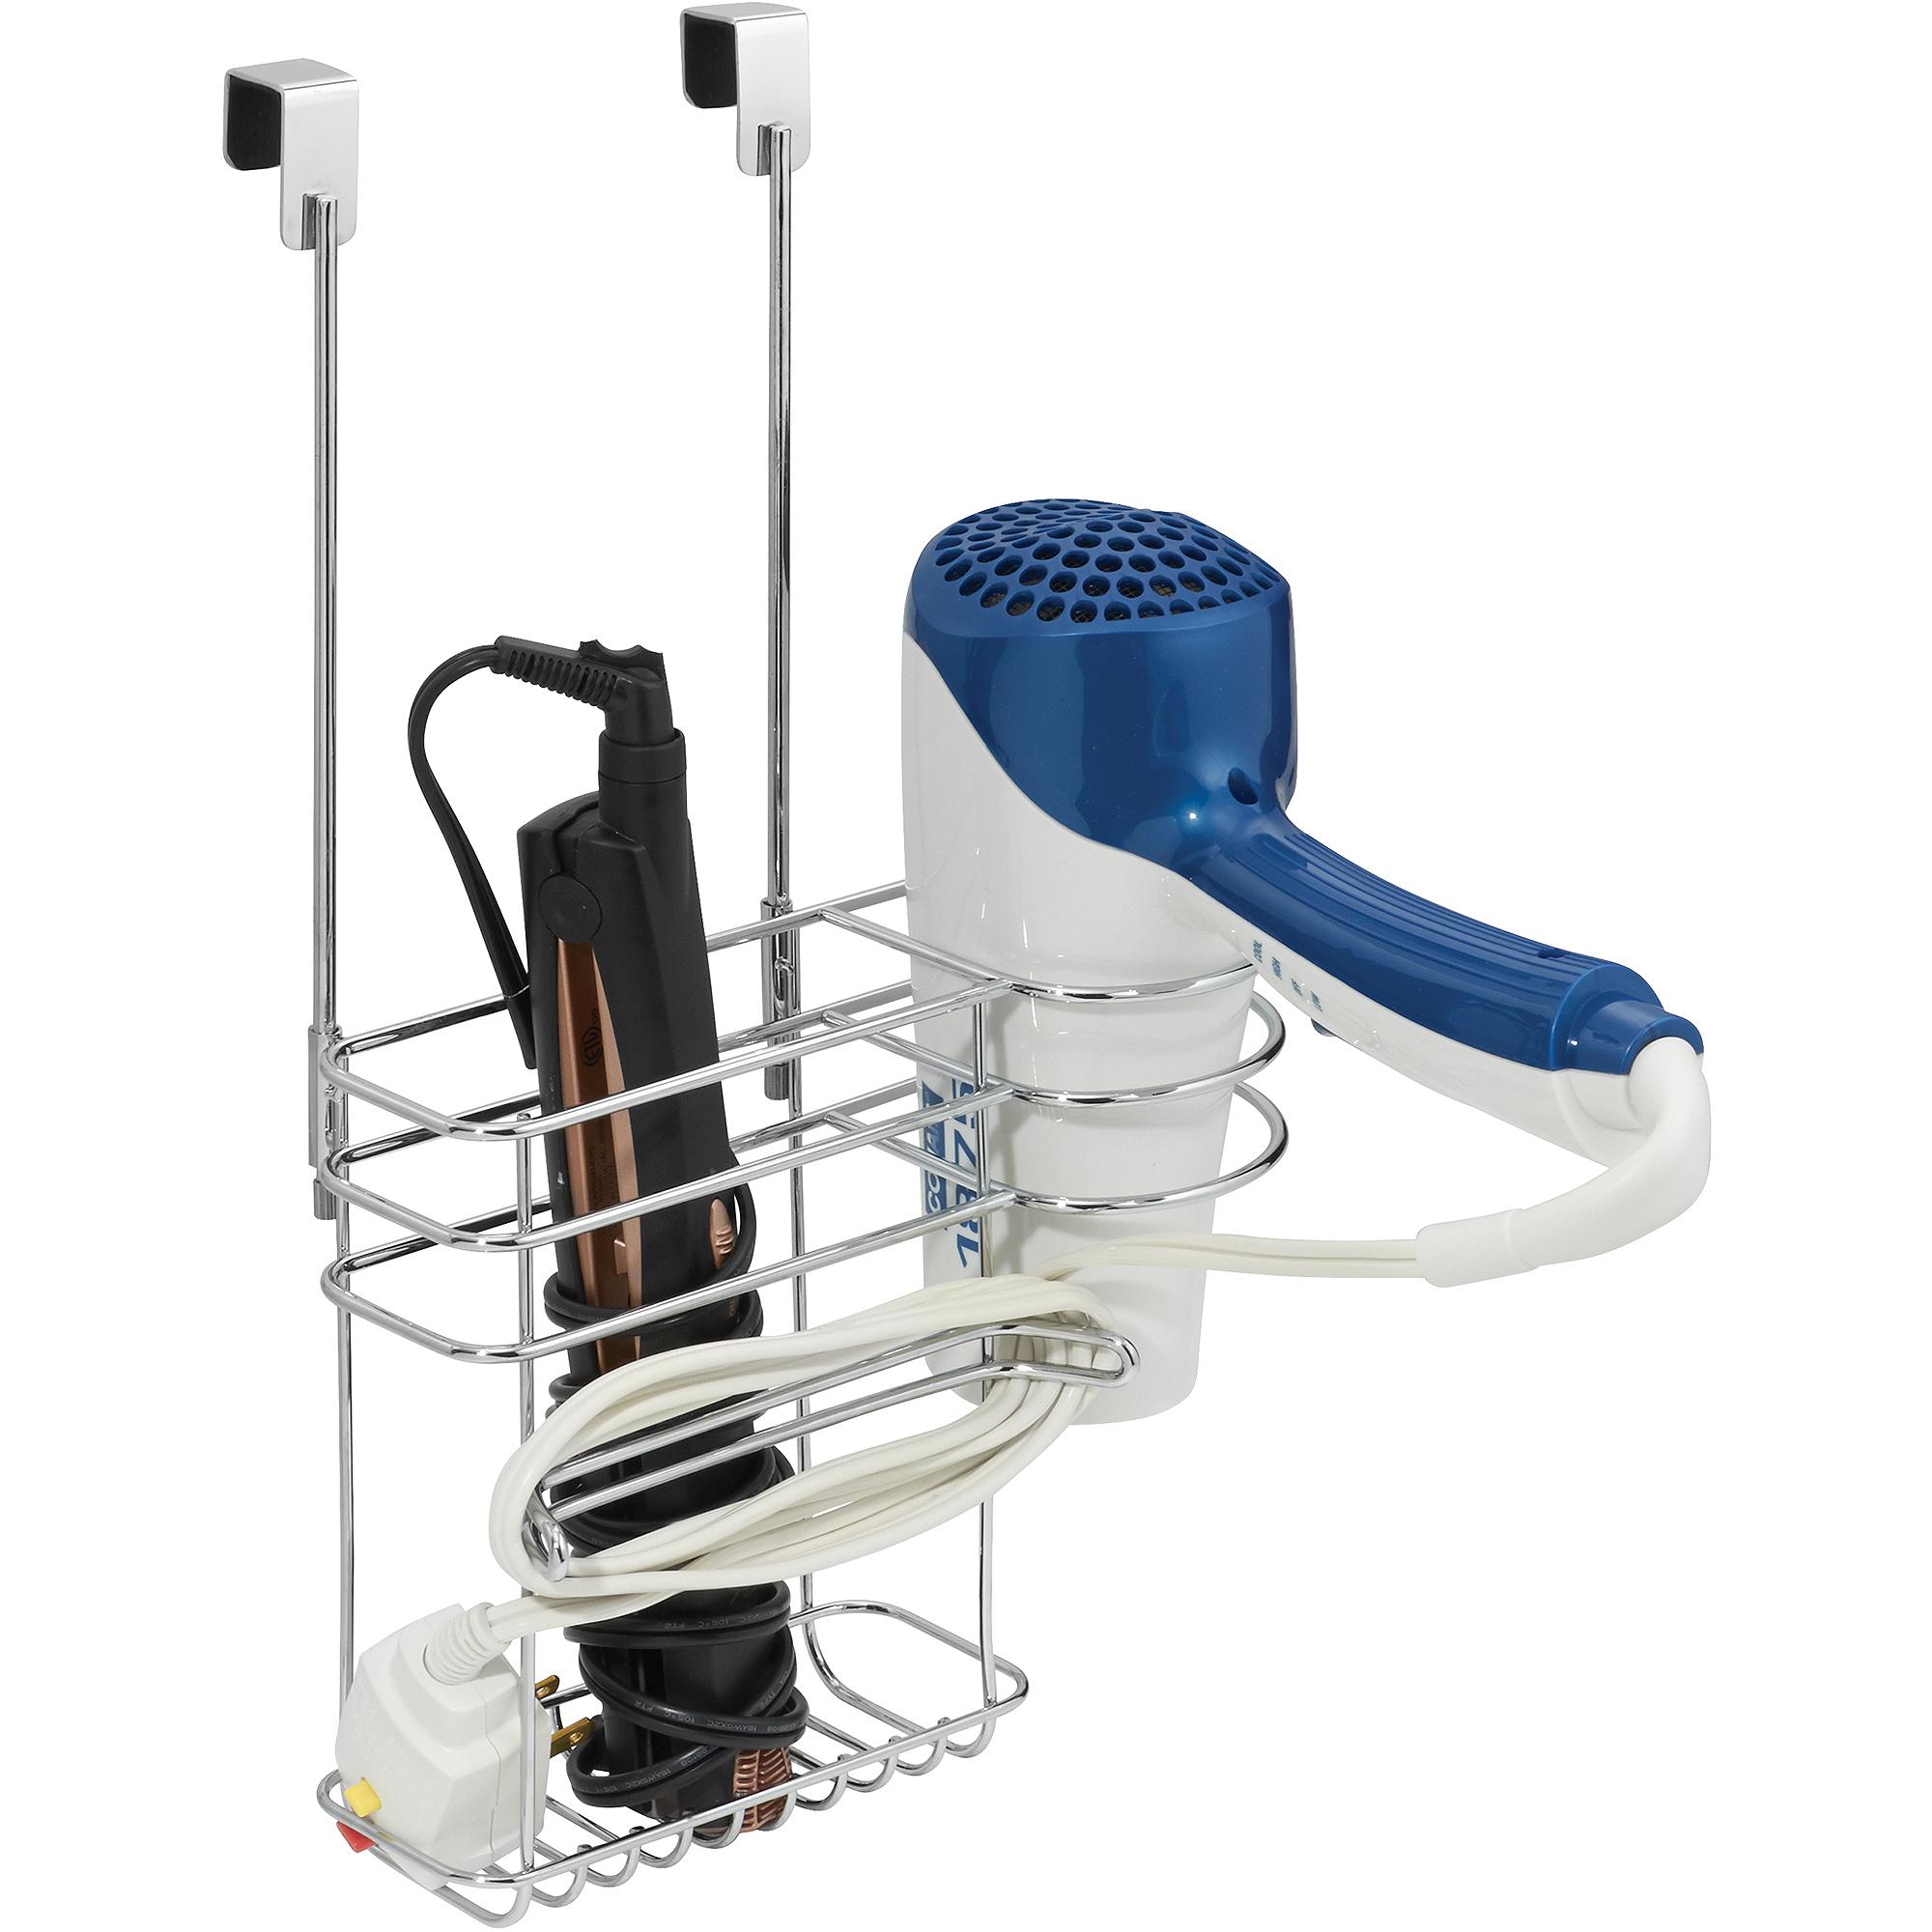 ... Interdesign Cabinet Hair Dryer U0026 Curling Iron Holder Organizer   Chrome  ...